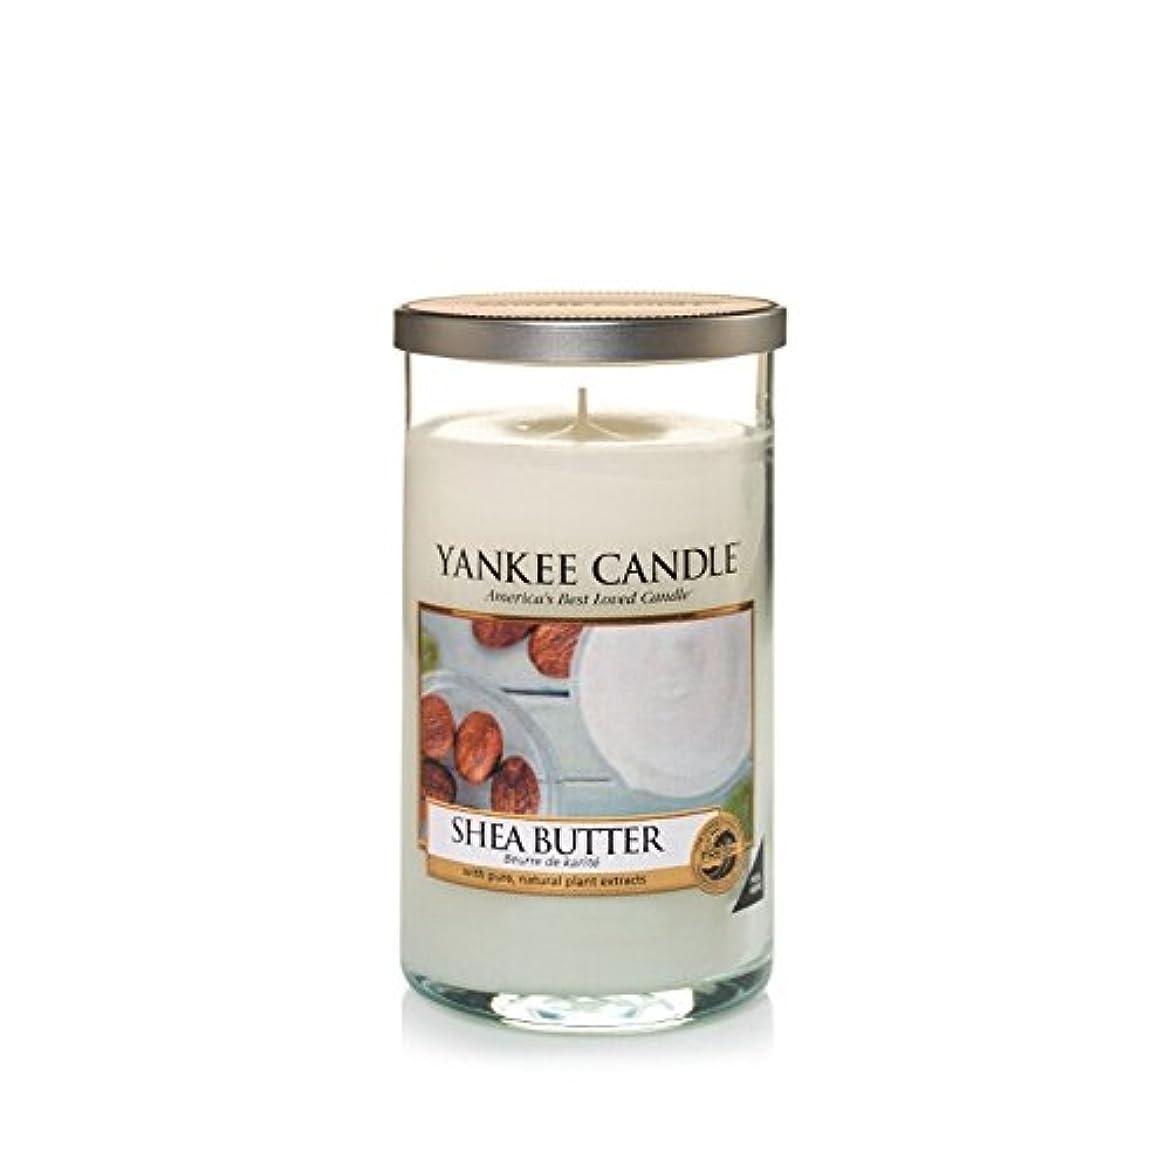 破壊するセットアップ揃えるYankee Candles Medium Pillar Candle - Shea Butter (Pack of 2) - ヤンキーキャンドルメディアピラーキャンドル - シアバター (x2) [並行輸入品]